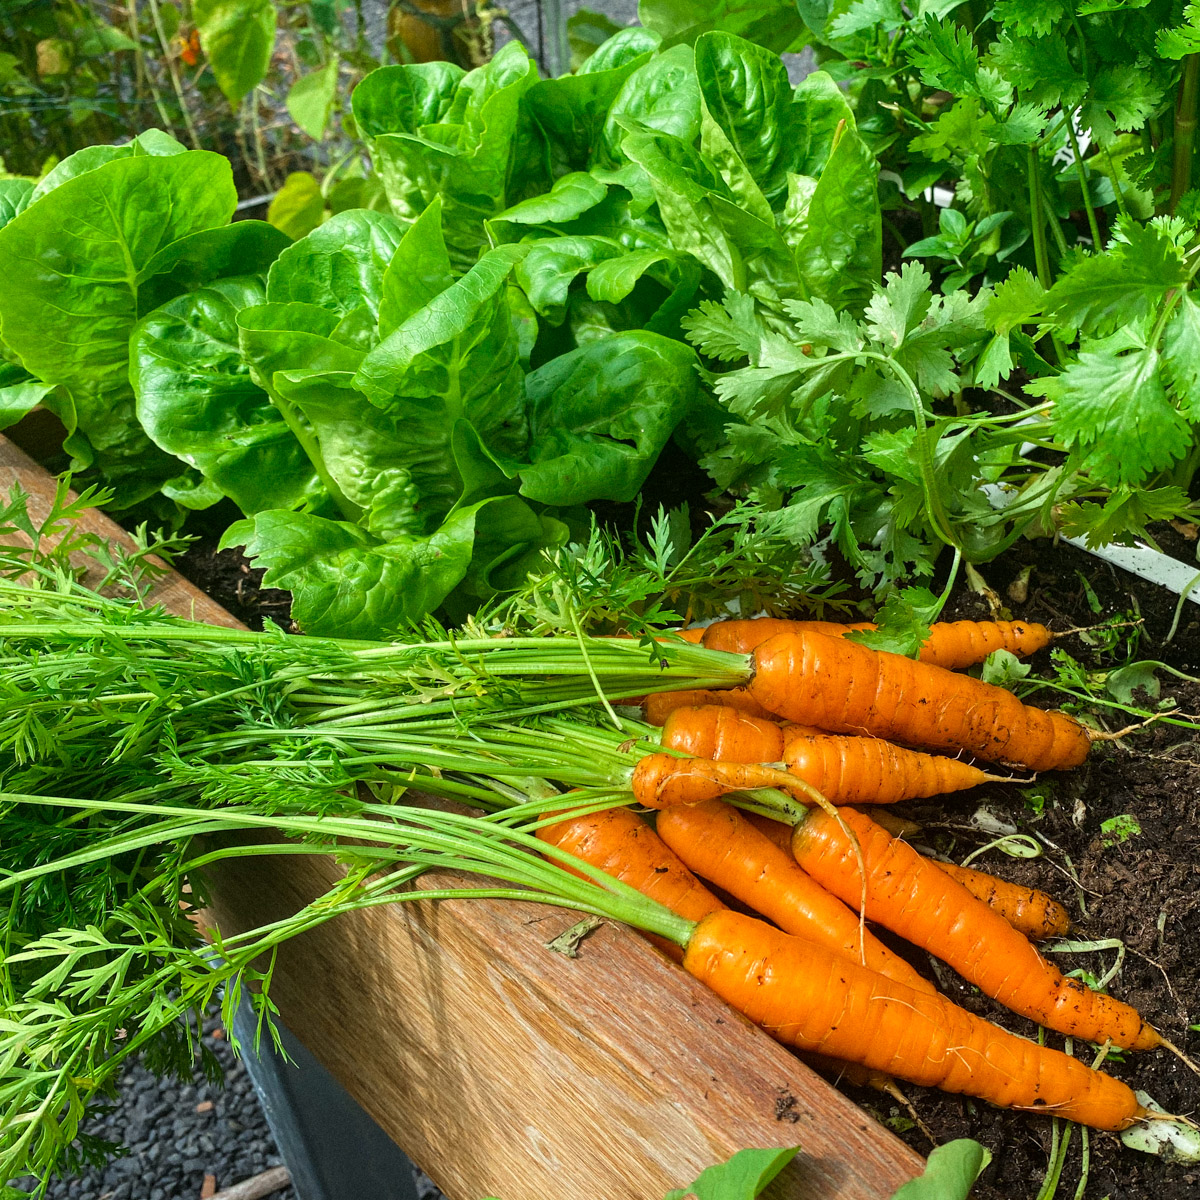 blog-1-sept-2021-tour-of-the-planty-garden9.jpg